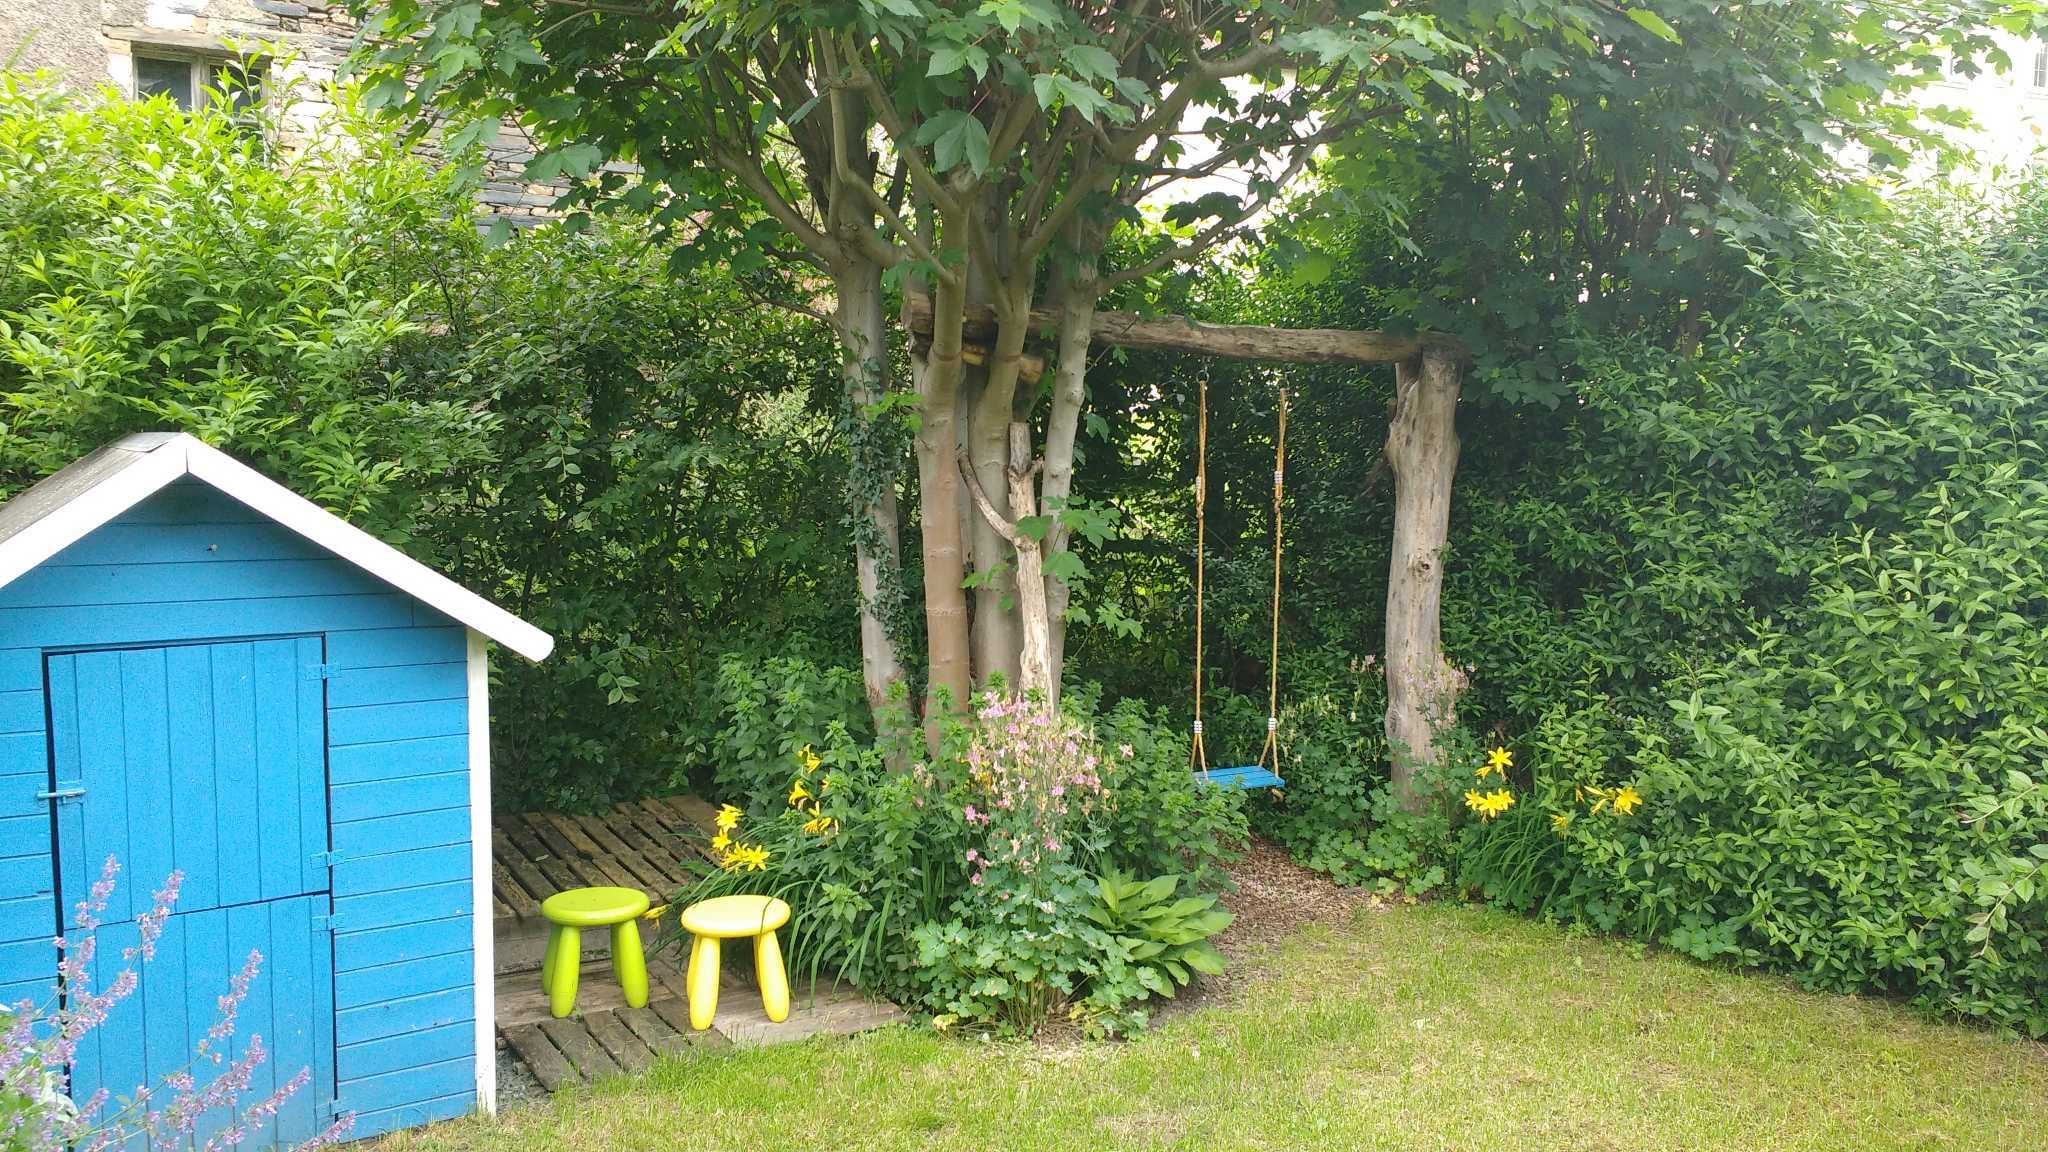 Garten mit Kinderspielhaus u. Schaukel